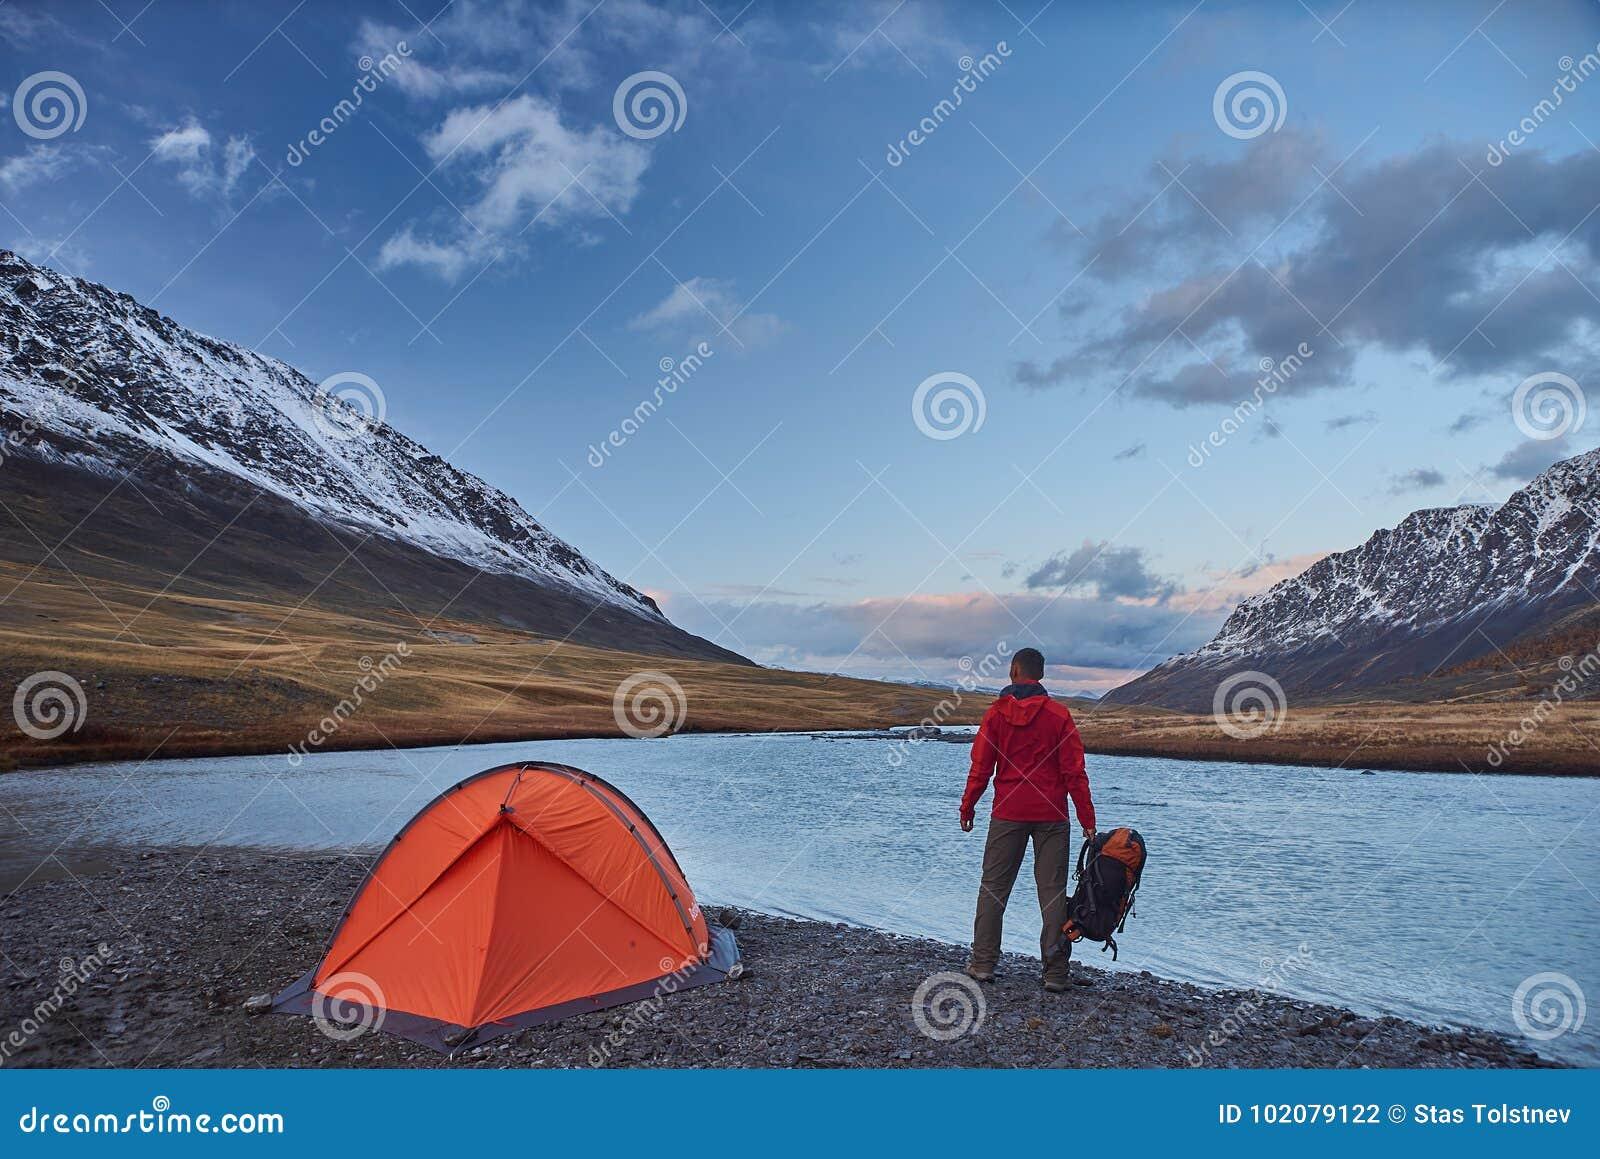 Soporte del caminante en acampar en las montañas durante primavera